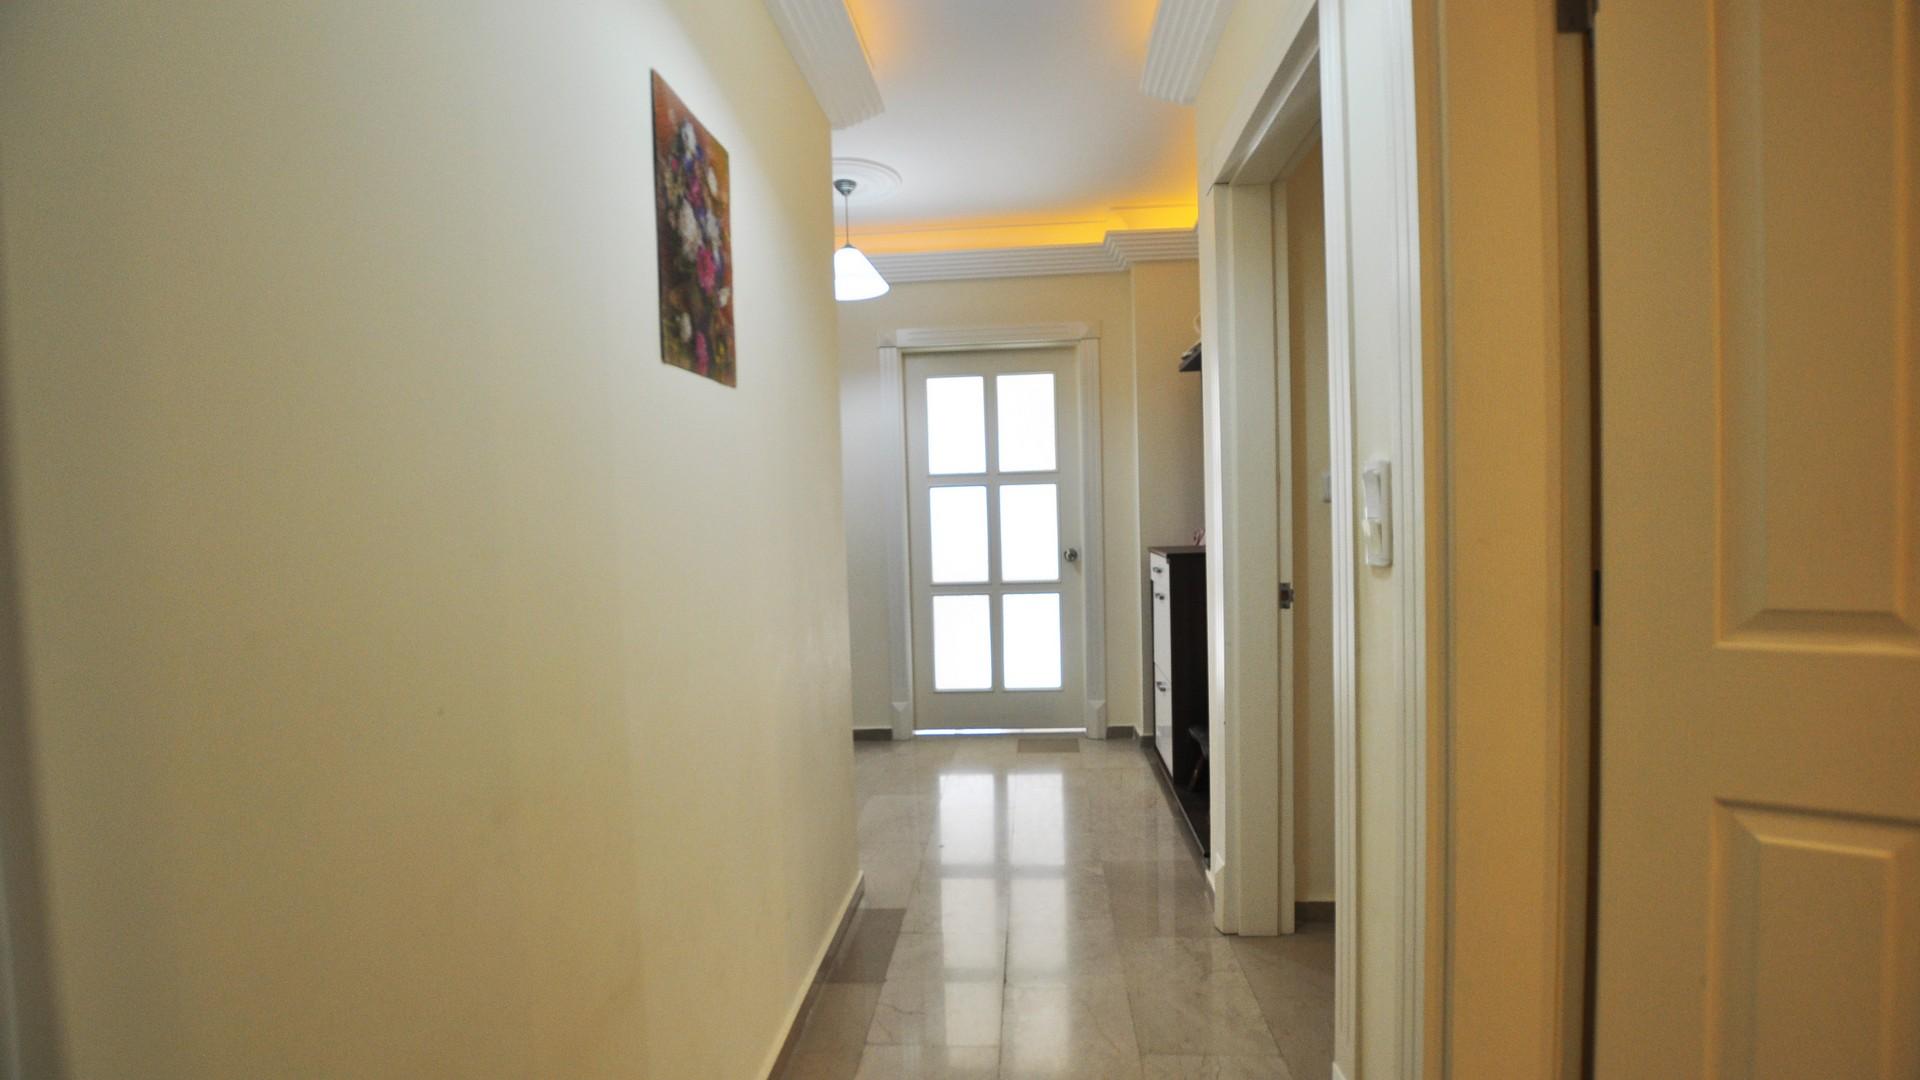 Меблированные апартаменты в Махмутлар - Фото 10